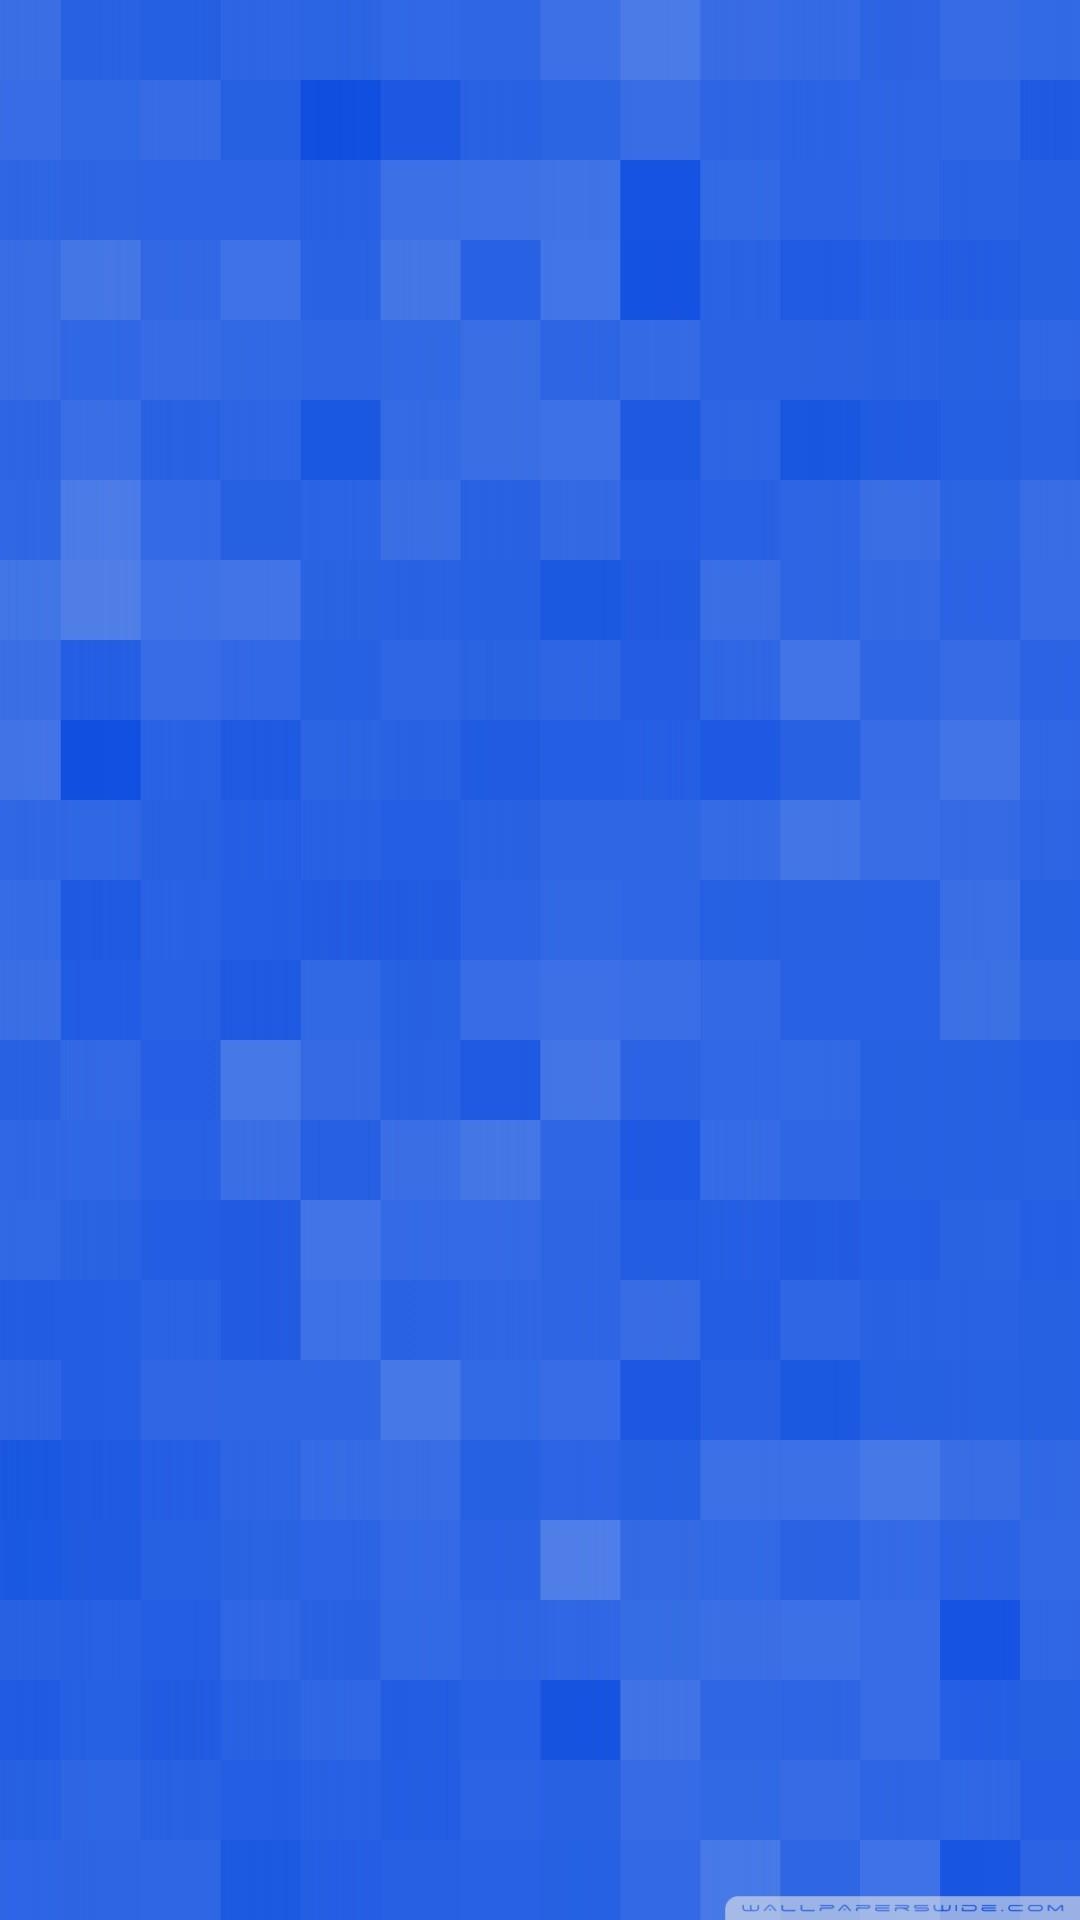 Free Blue Pixels Background phone wallpaper by iiiemyiii